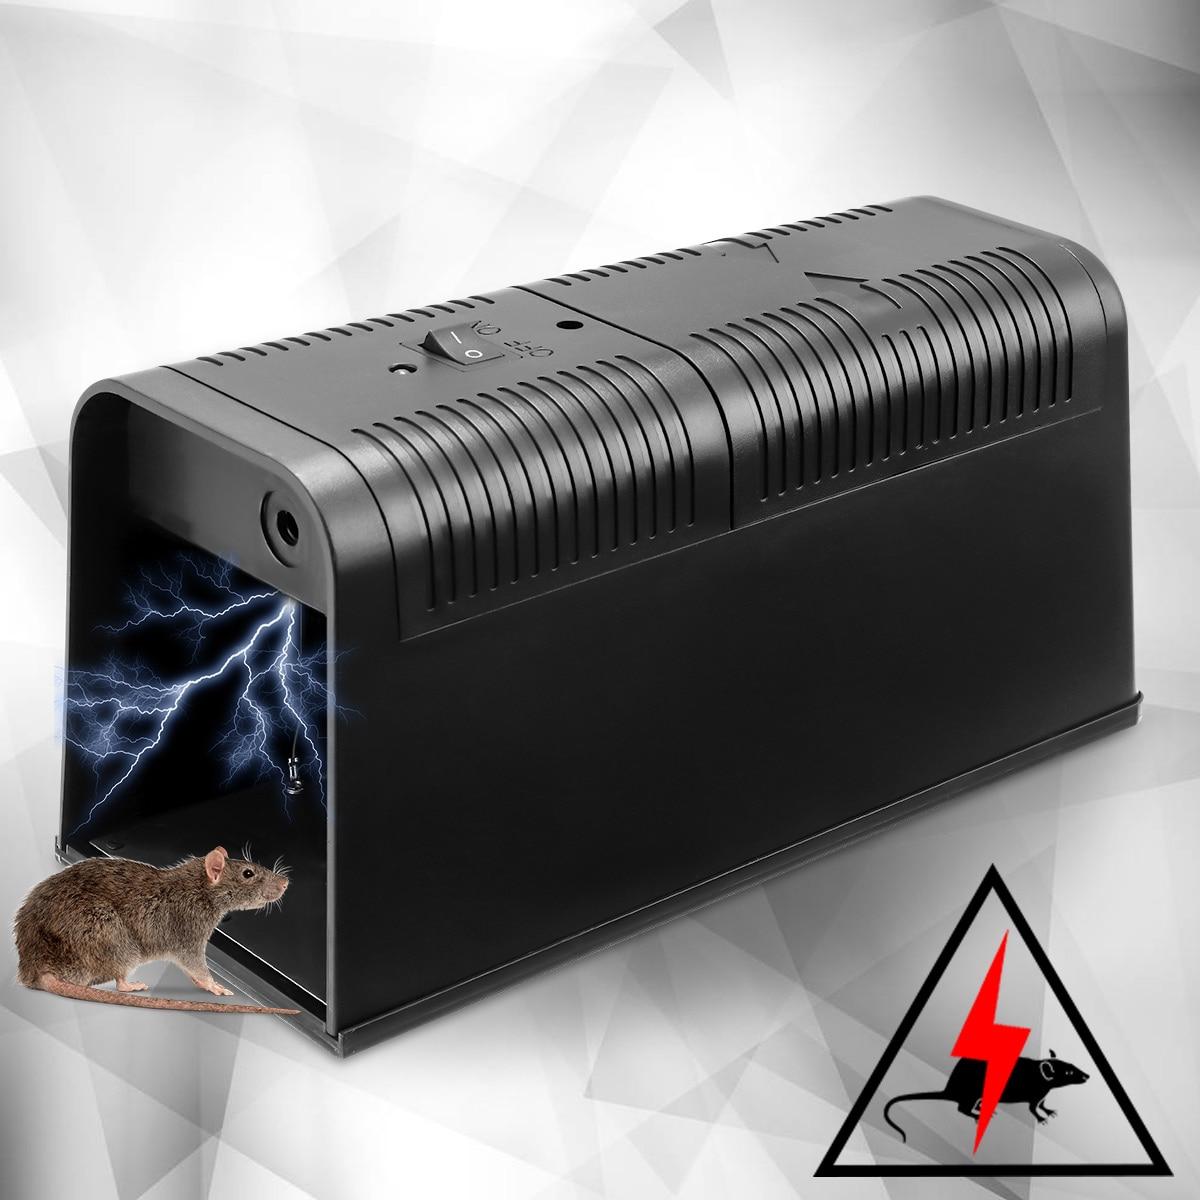 Électronique Tueur de Souris Rat Zapper Exterminateur Piège Humain Rongeurs Souricière Dispositif 235X102X113mm DC6V